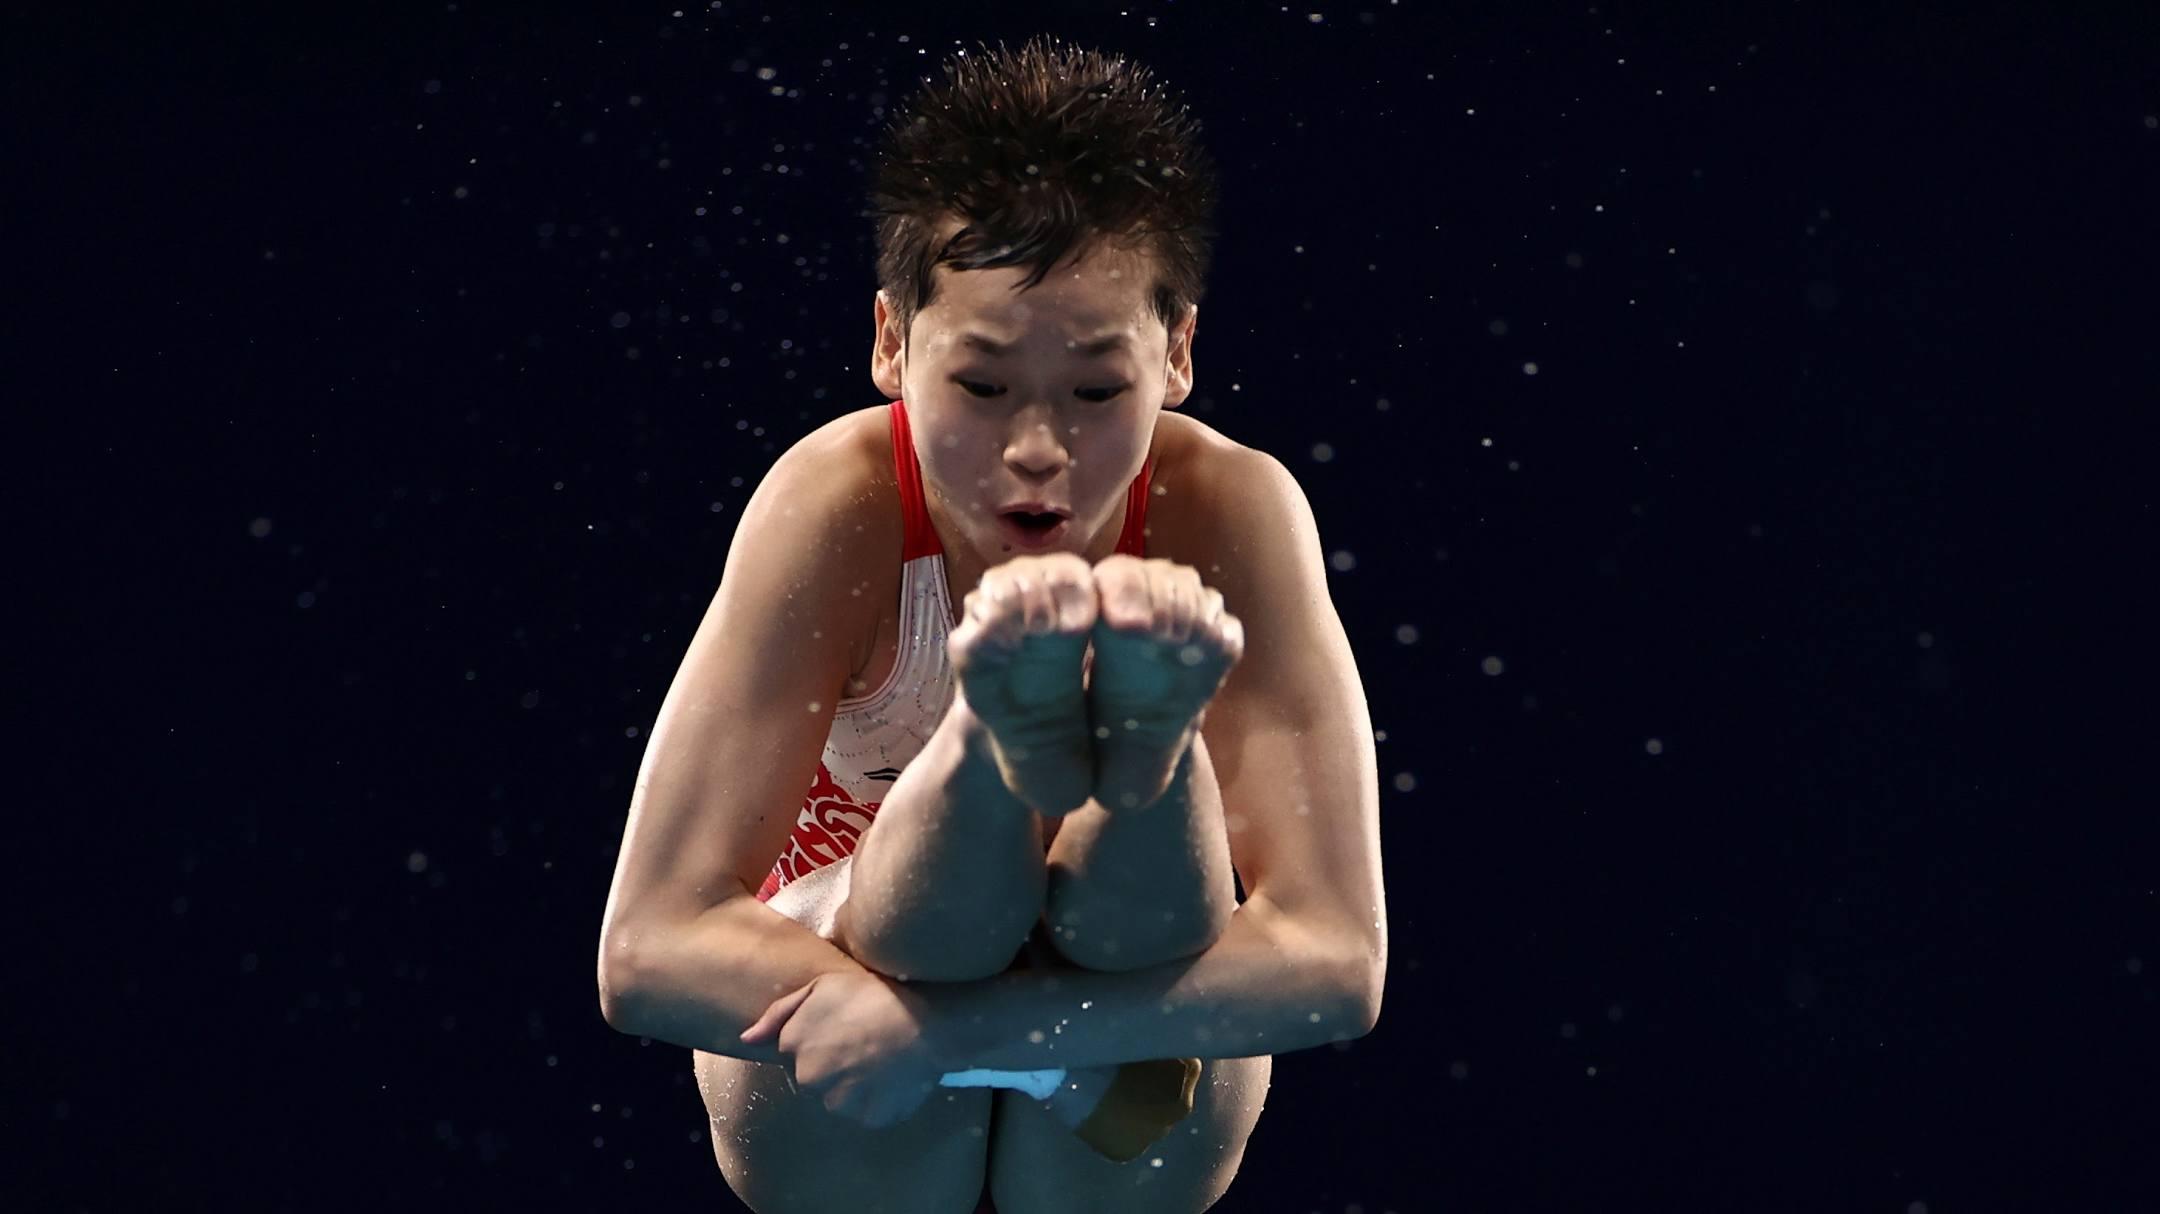 Toàn Hồng Thiền thành VĐV trẻ thứ hai đoạt HC vàng ở Olympic 2020, sau VĐV trượt ván Nhật Bản 13 tuổi Momiji Nishiya. Ảnh: Reuters